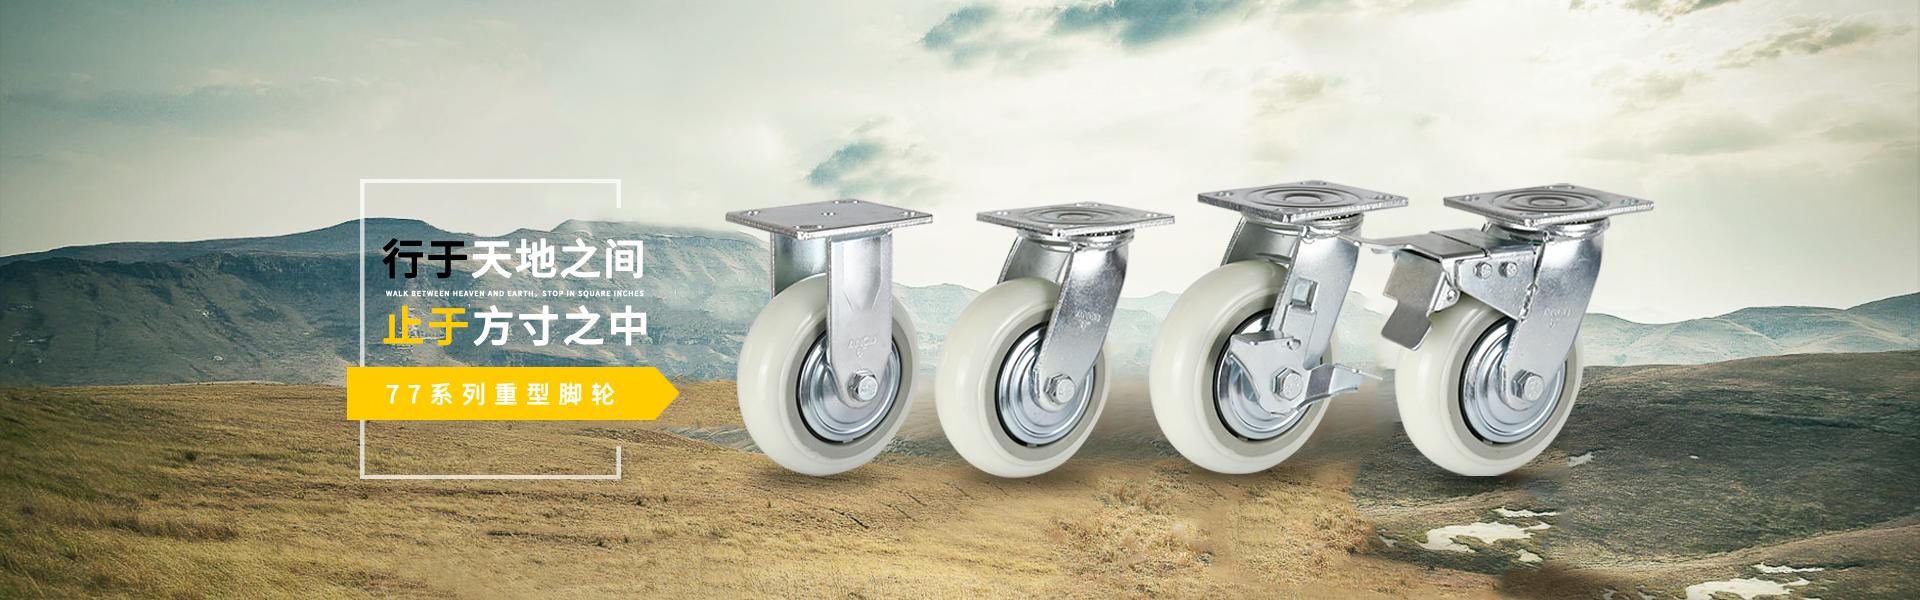 中型脚轮,重型工业脚轮,万向轮厂家